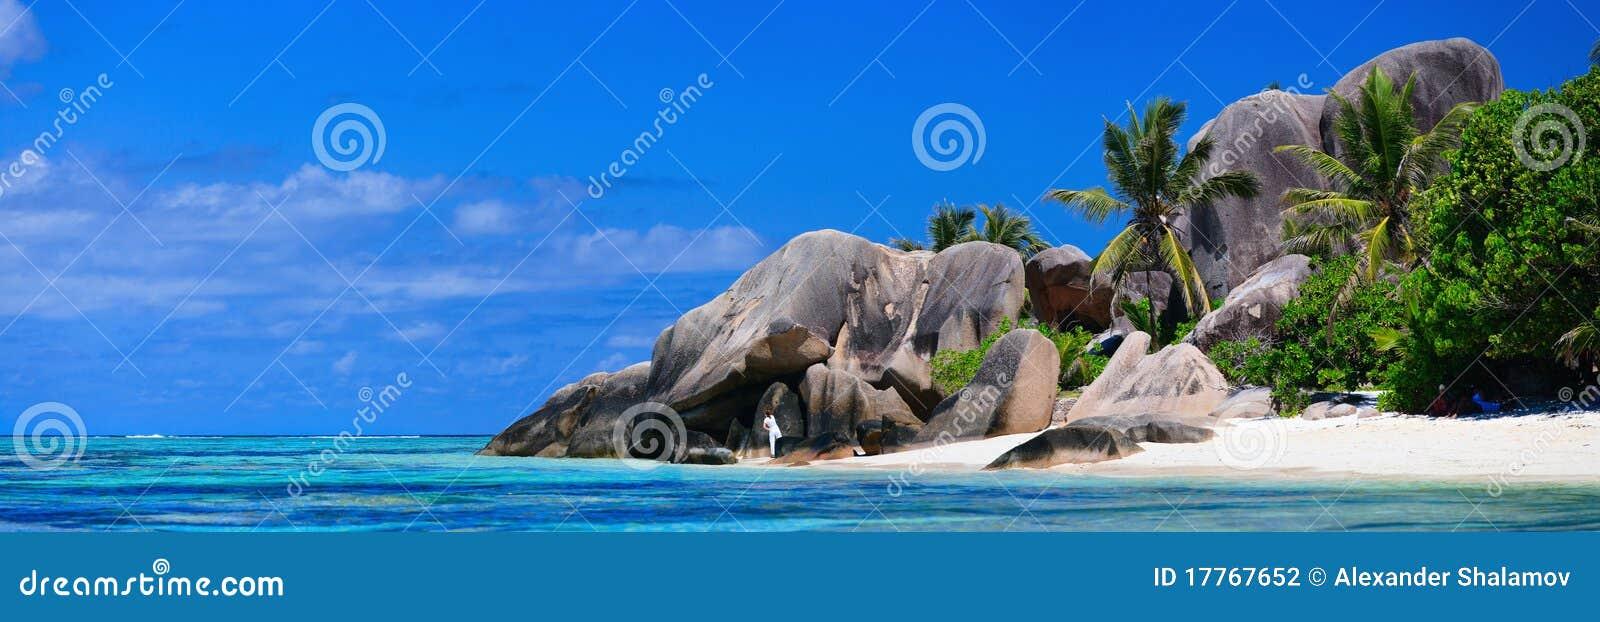 Panorama da praia de Seychelles